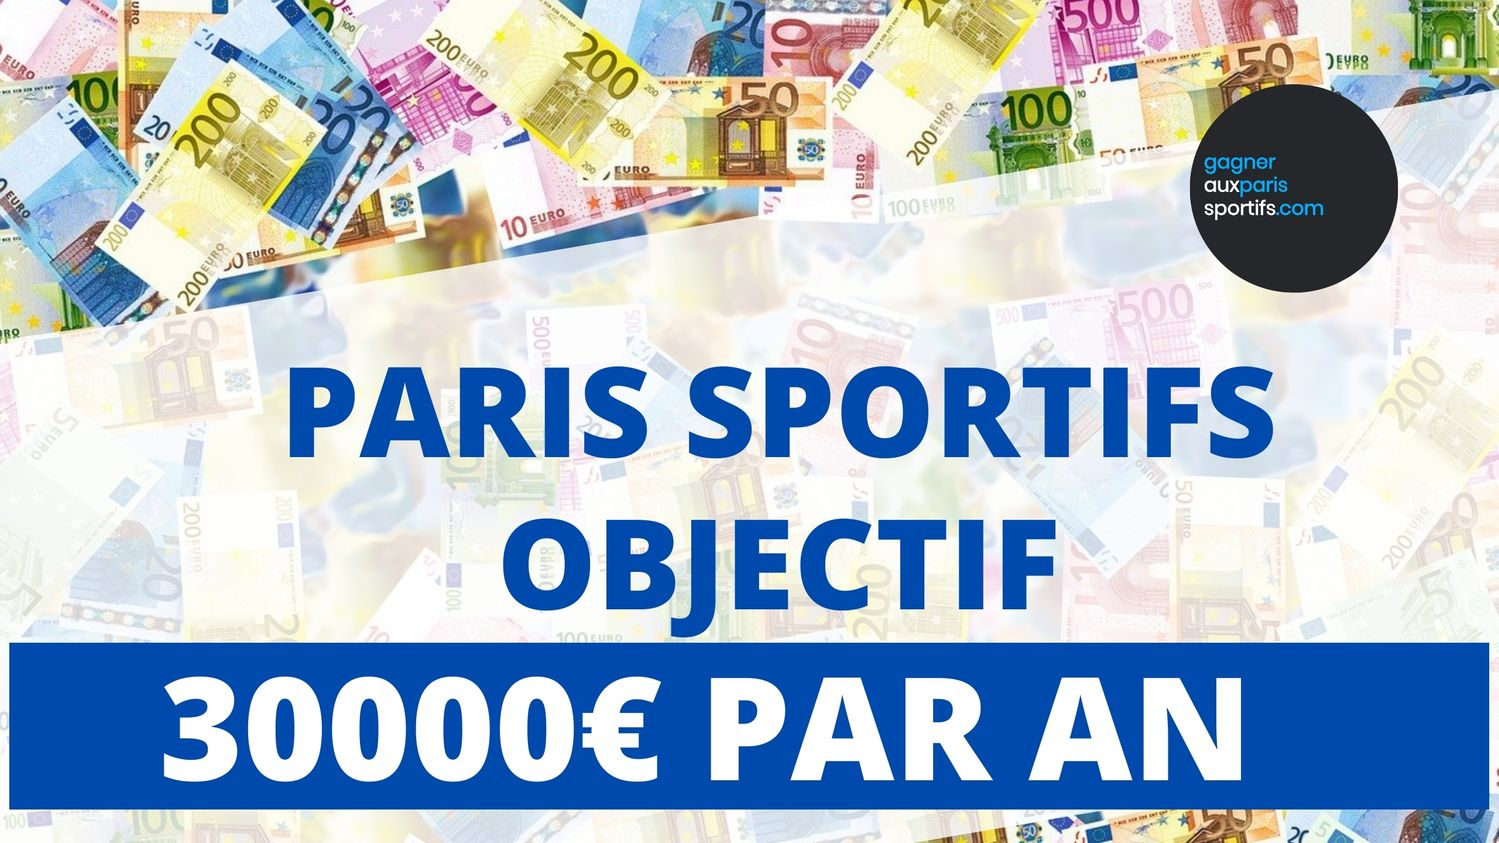 Paris sportifs _ Objectif 30000€ de bénéfice par an